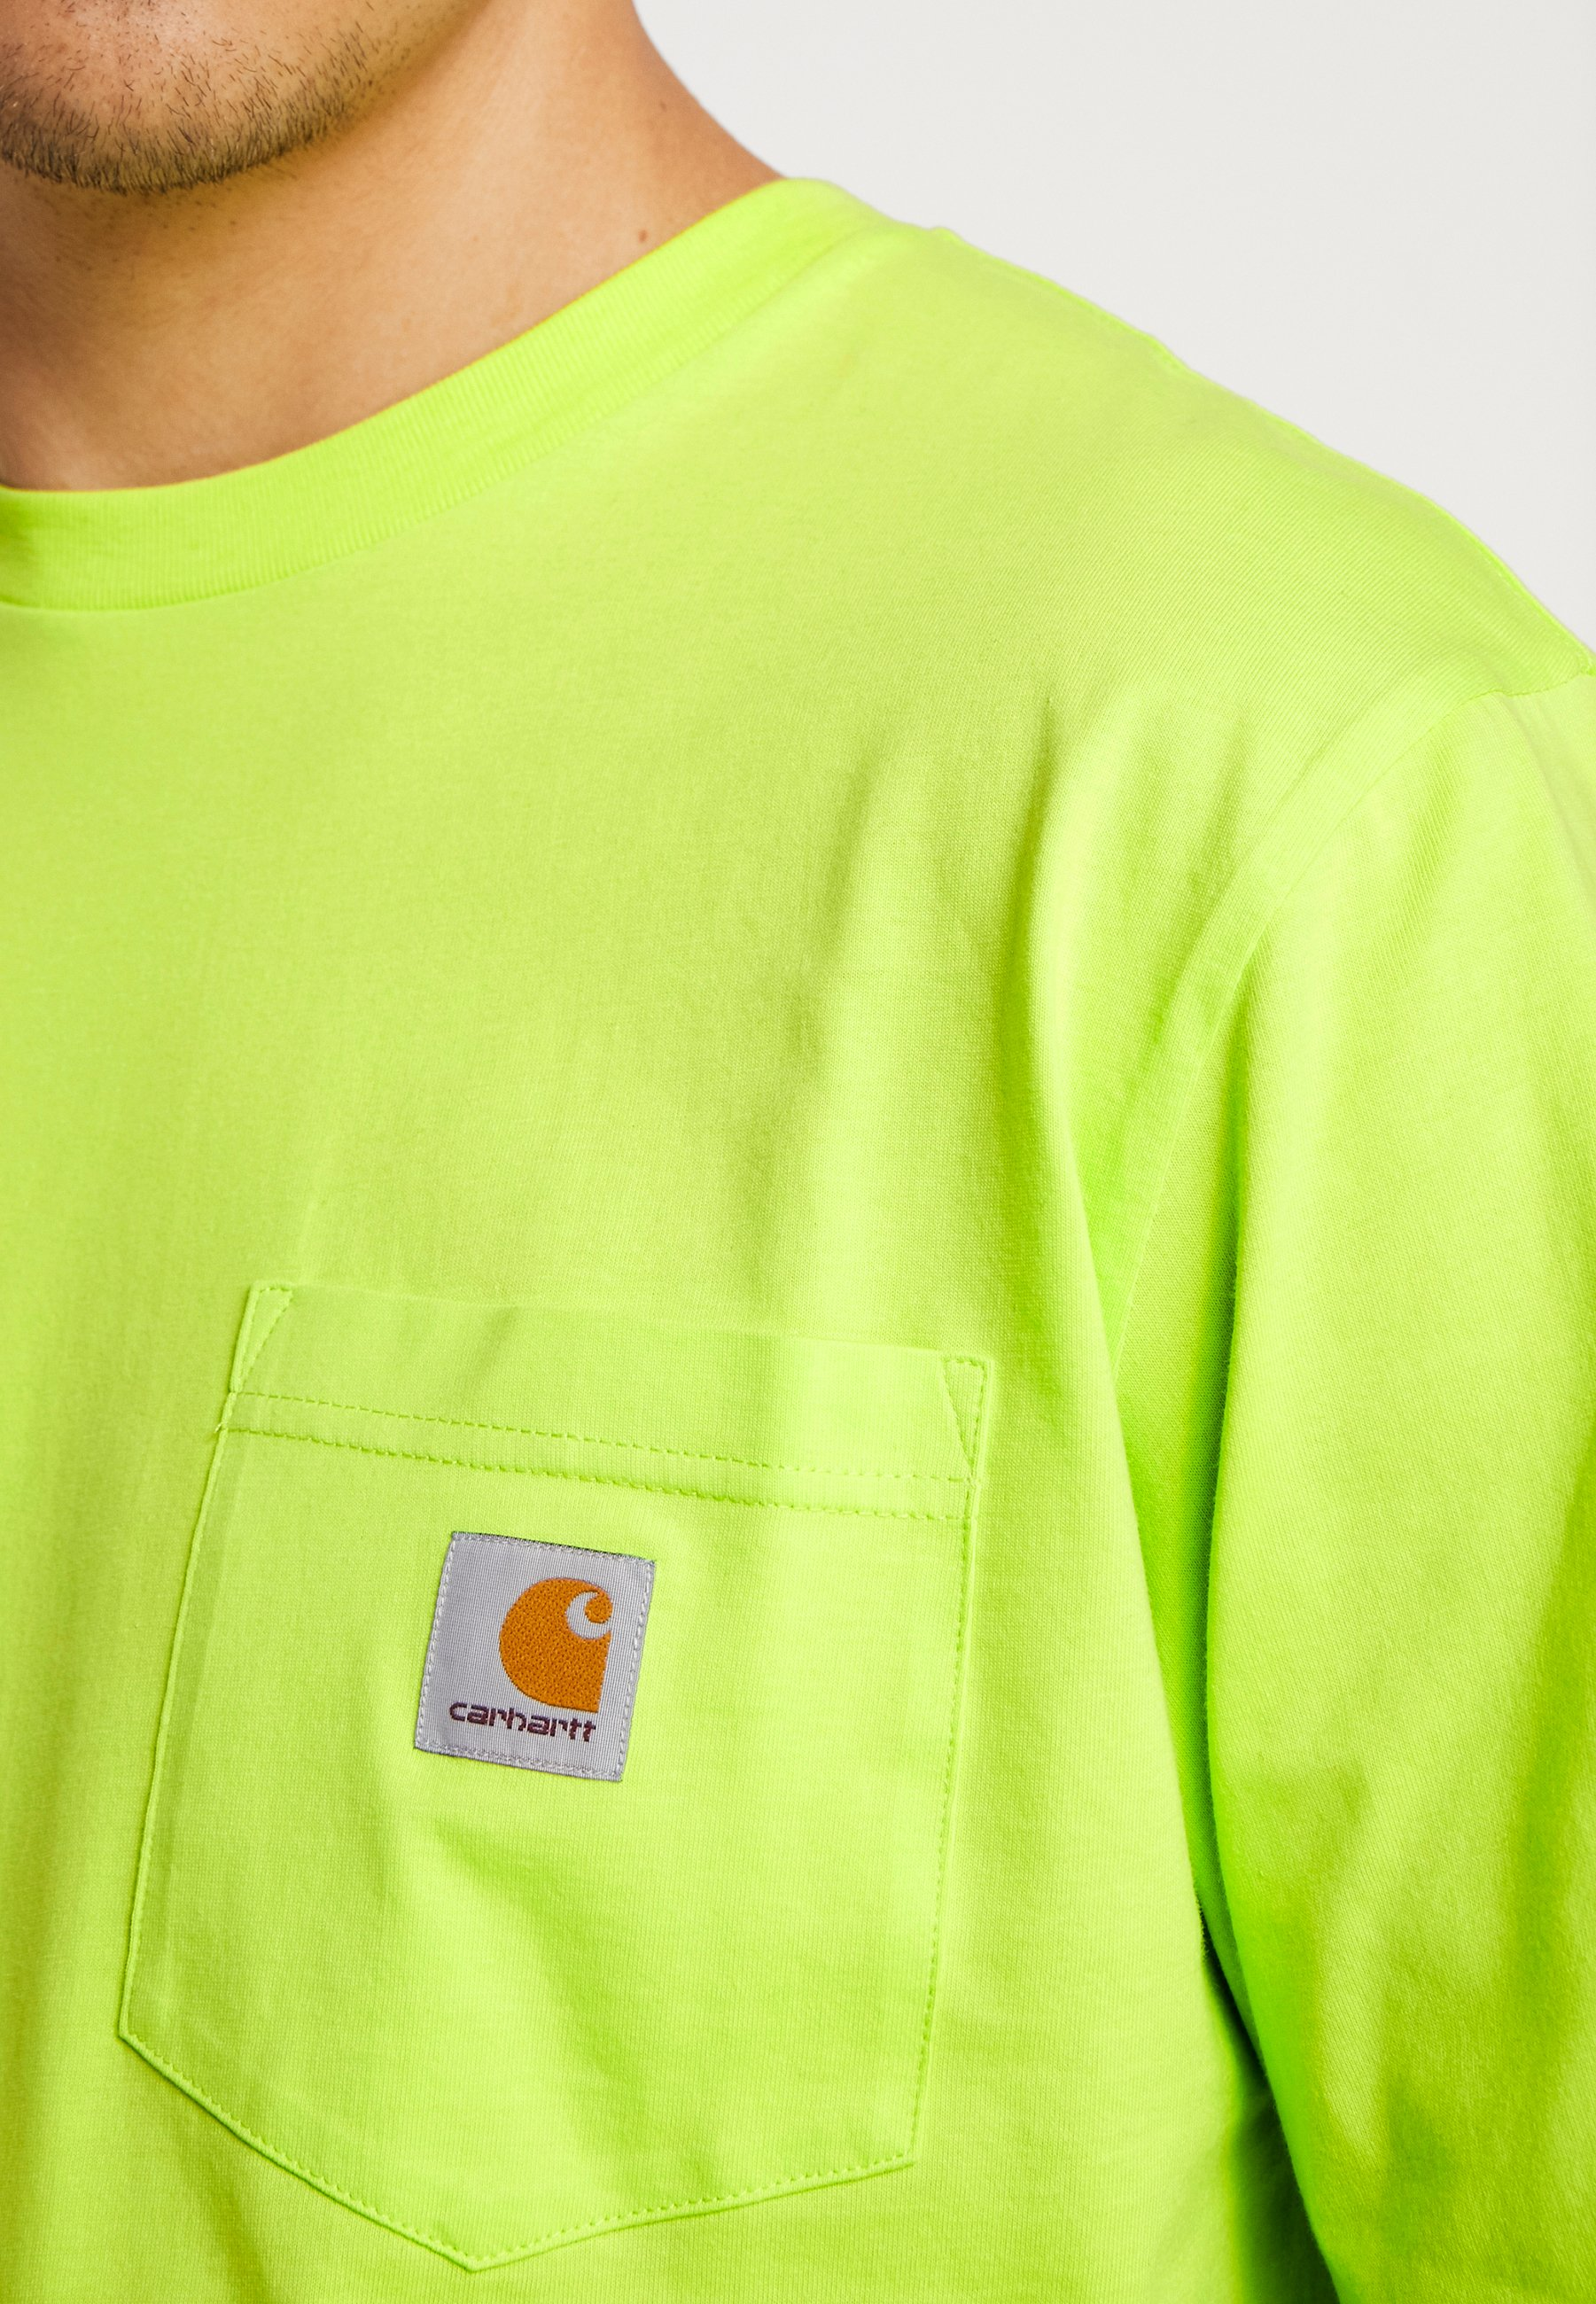 Carhartt Wip Pocket - Långärmad Tröja Lime